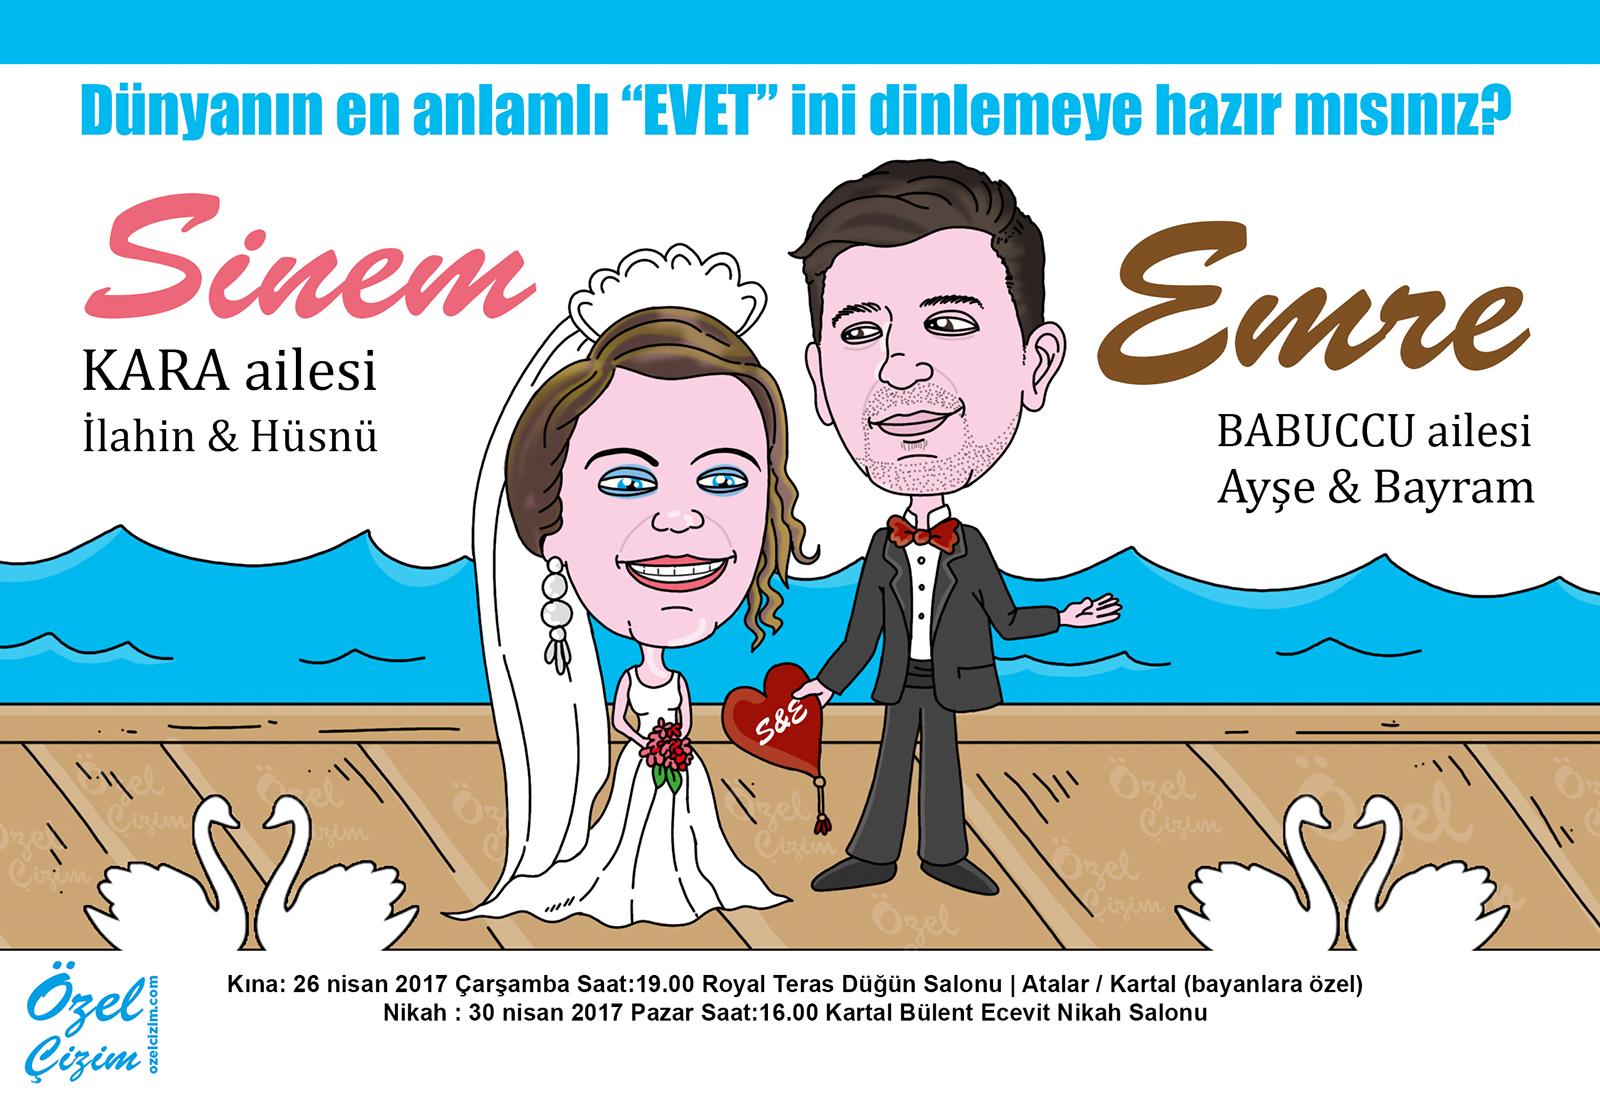 davetiyemde biz olalım, düğün davetiyeleri, düğün davetiyesi, eğlenceli davetiye, karikatürlü davetiye, kişiye özel düğün davetiyesi, komik düğün davetiyesi, Özel Çizim, özel davetiye,